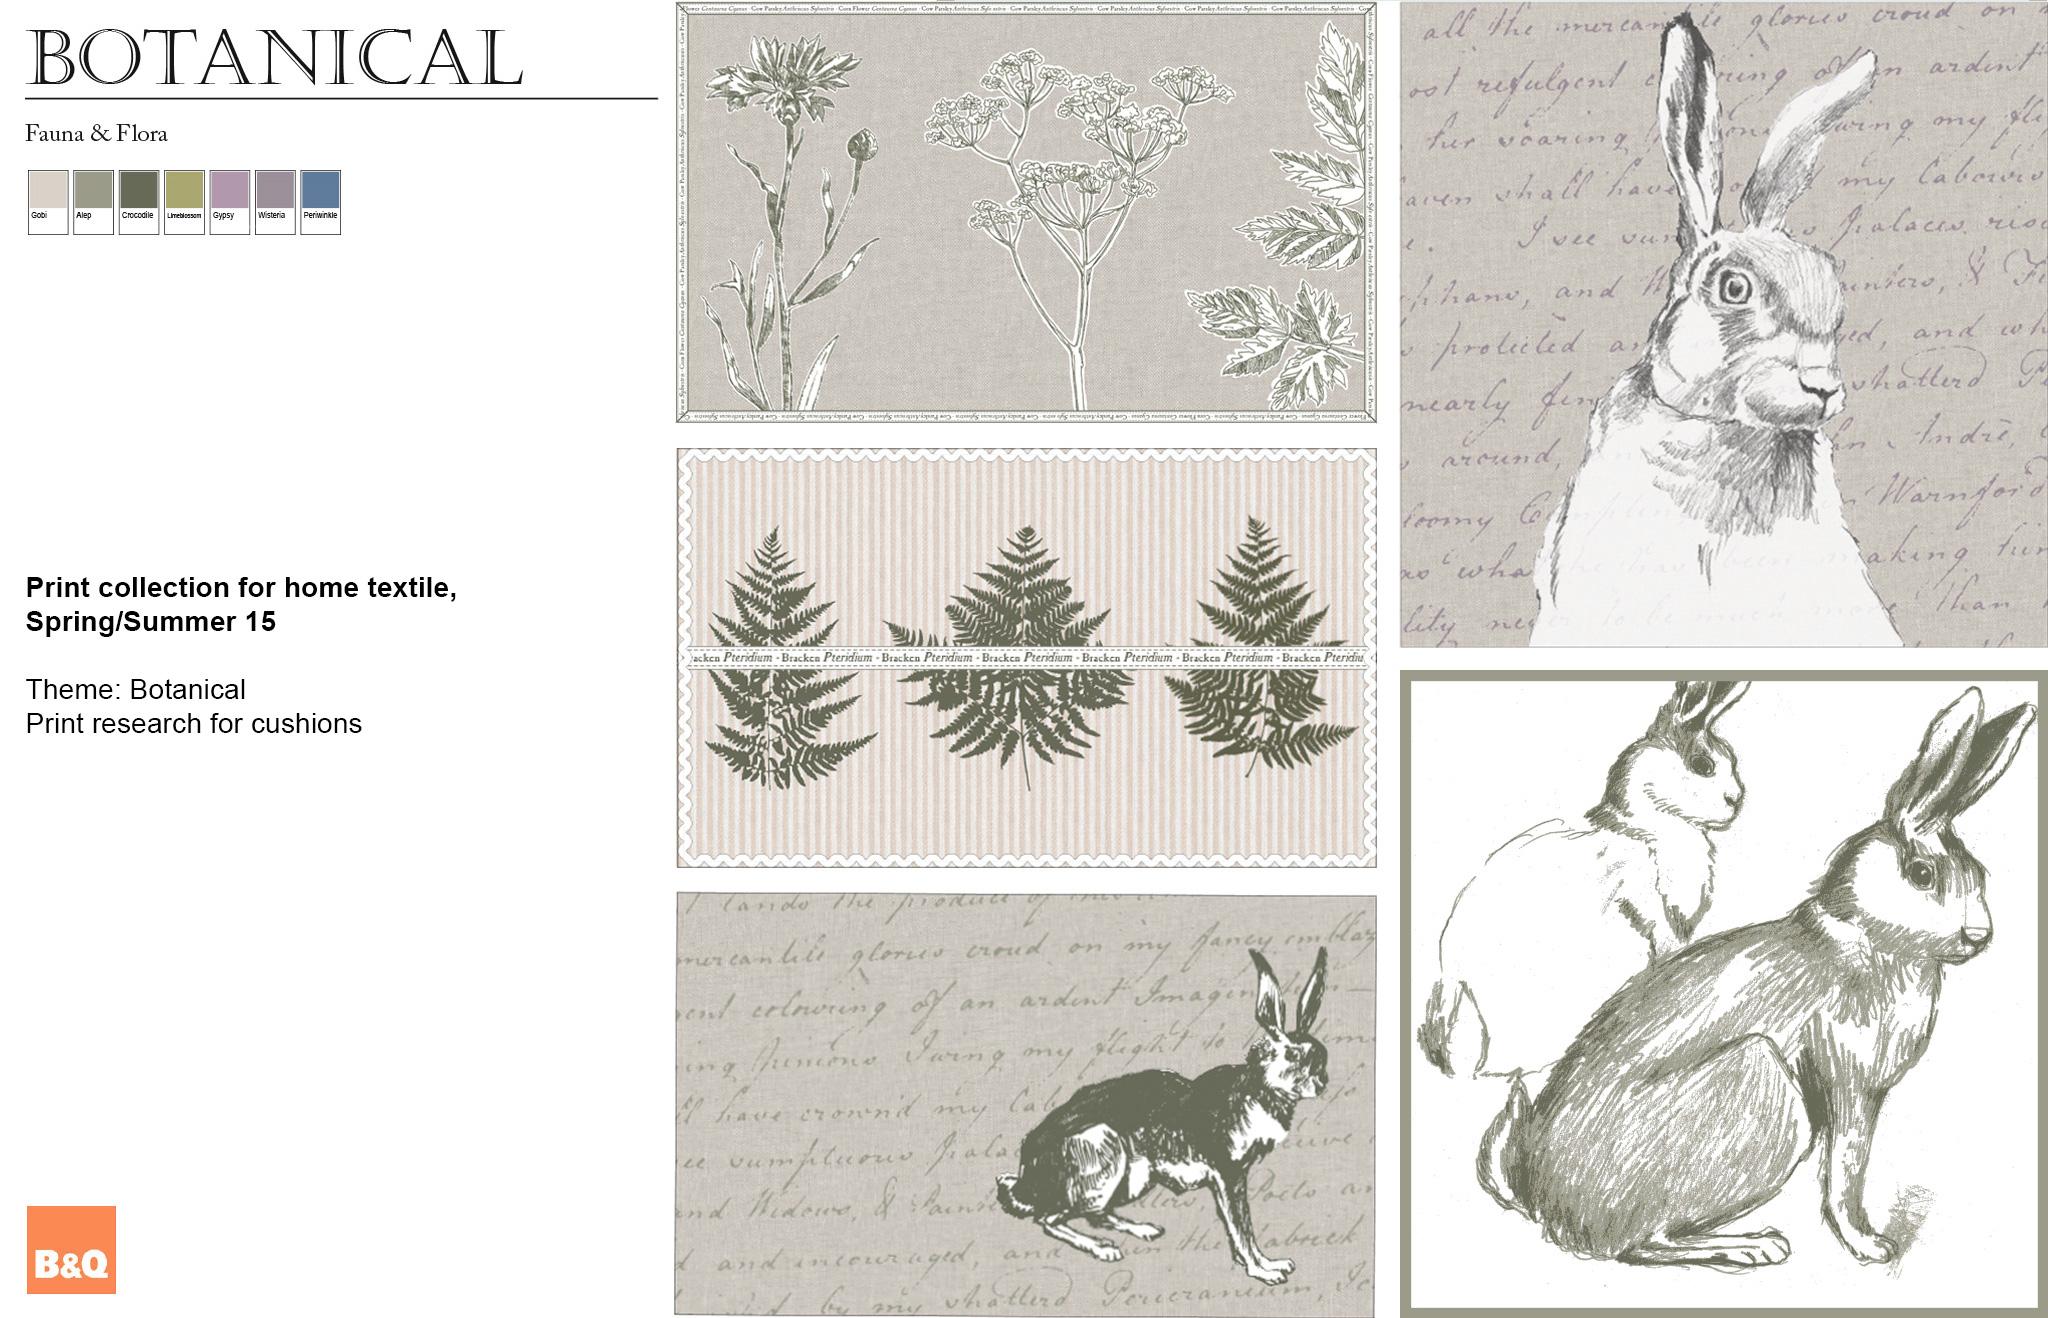 02-Botanical-fauna-flora